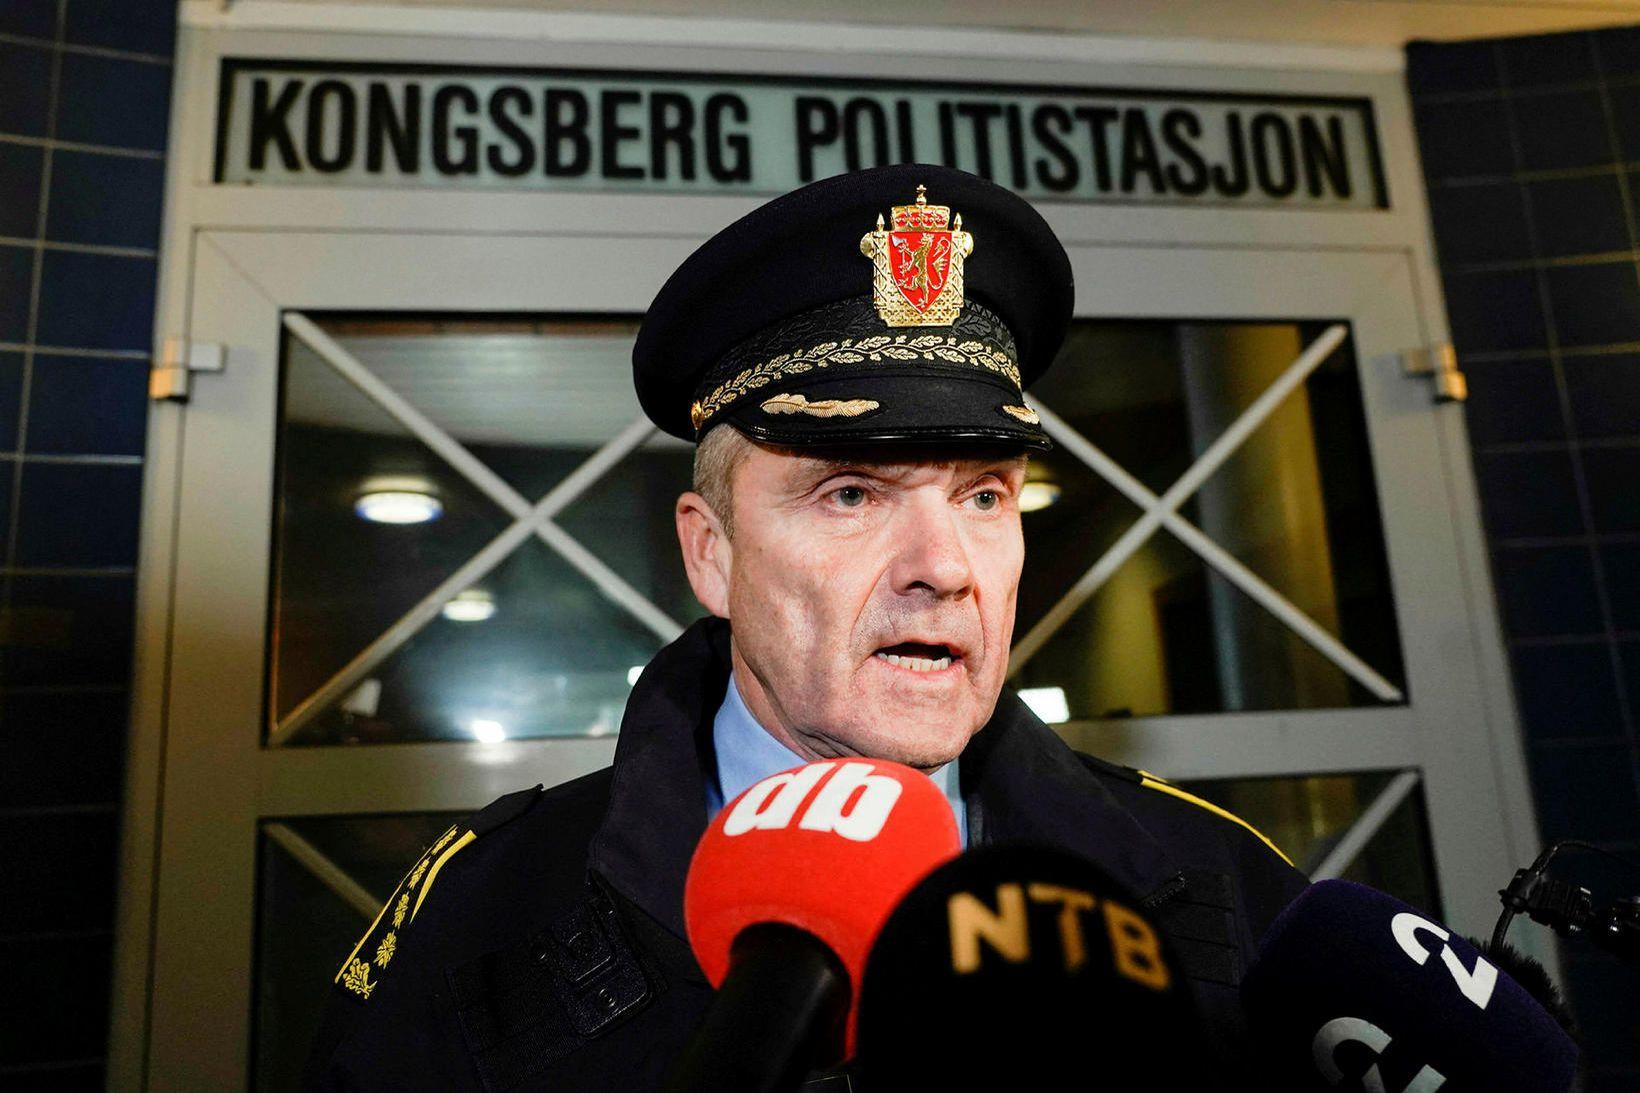 Øyvind Aas, aðstoðarlögreglustjóri suðausturumdæmisins, ræðir við fjölmiðla í gærkvöldi. Danskur …